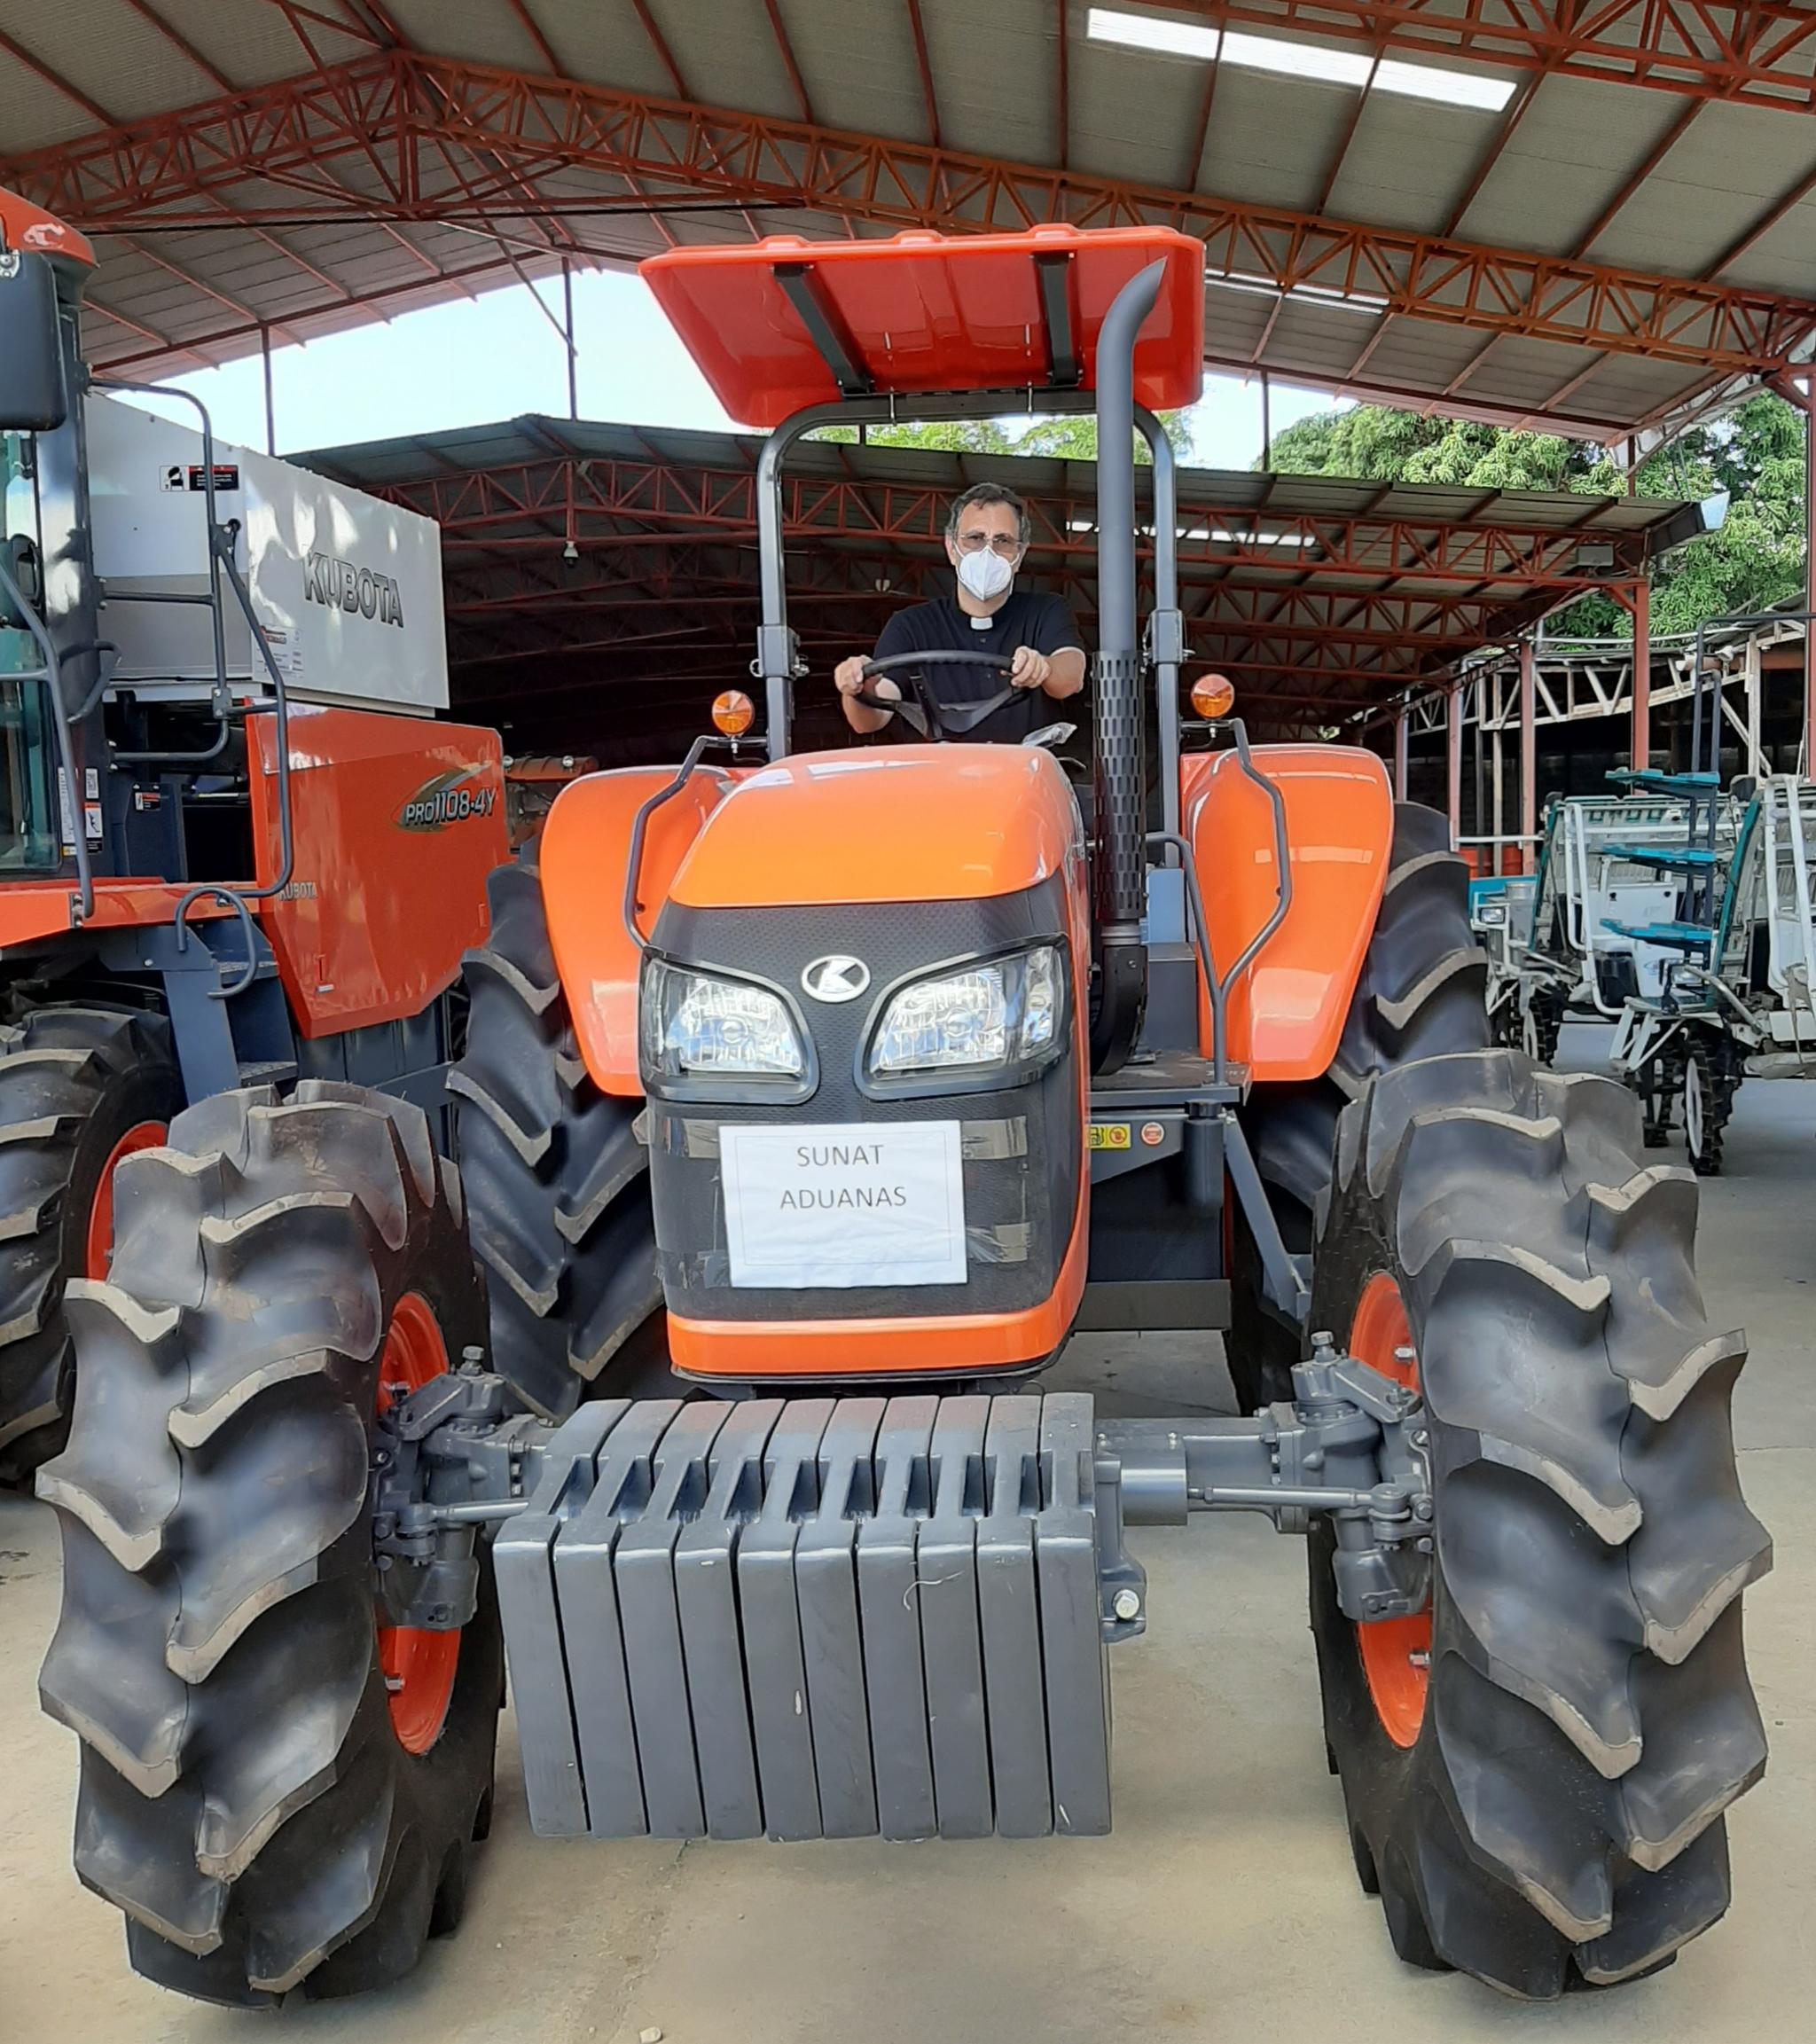 El padre Ignacio con el tractor que adquirió con donaciones la última vez que estuvo en España en 2020.